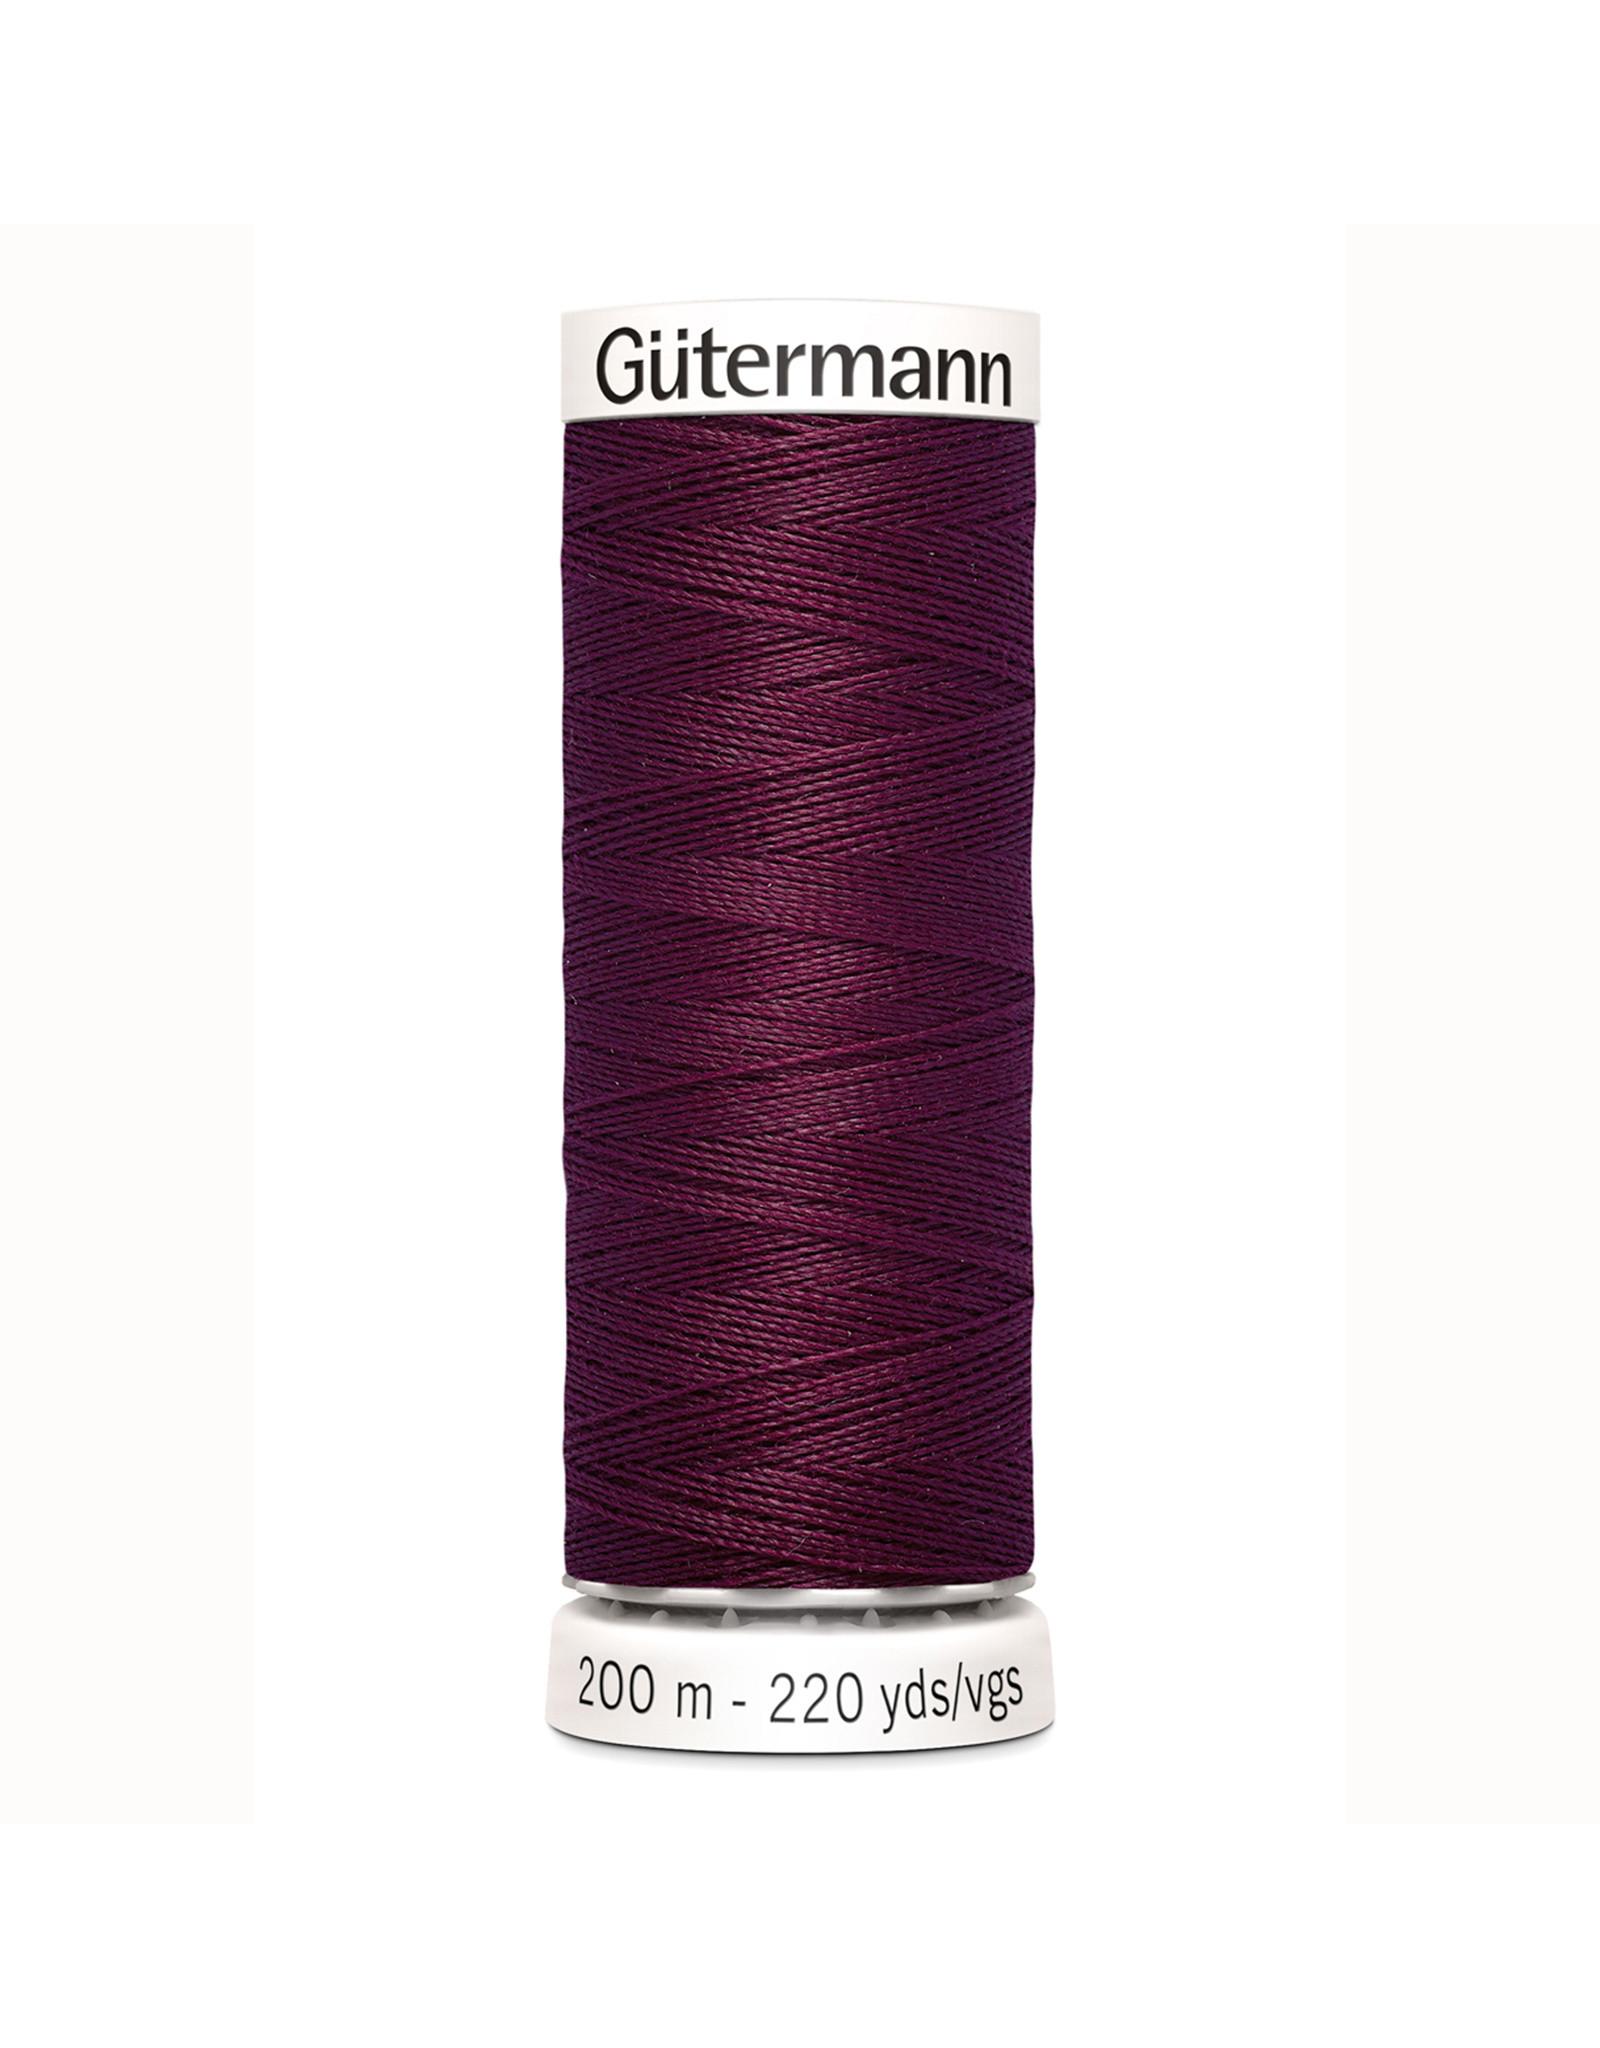 Gütermann Gütermann Sewing Thread 200 m - nr 108